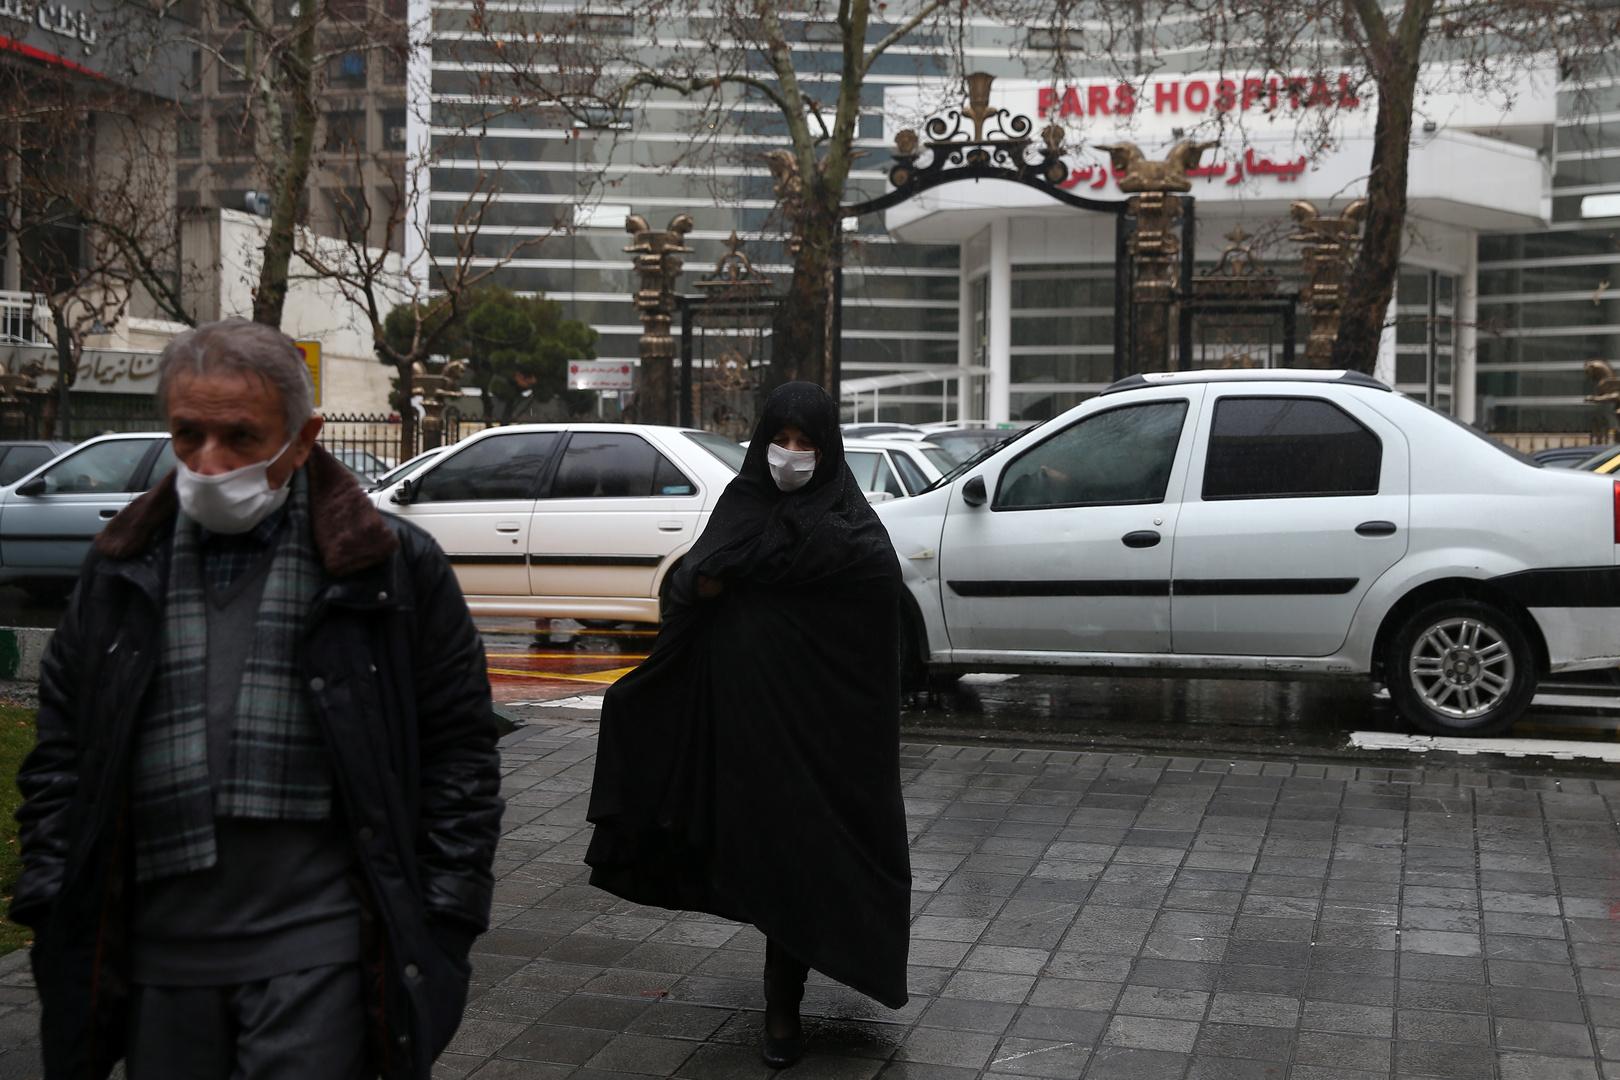 الصحة الإيرانية: تسجيل 6272 إصابة جديدة بكورونا وإجمالي الوفيات تجاوز 55 ألفا في البلاد